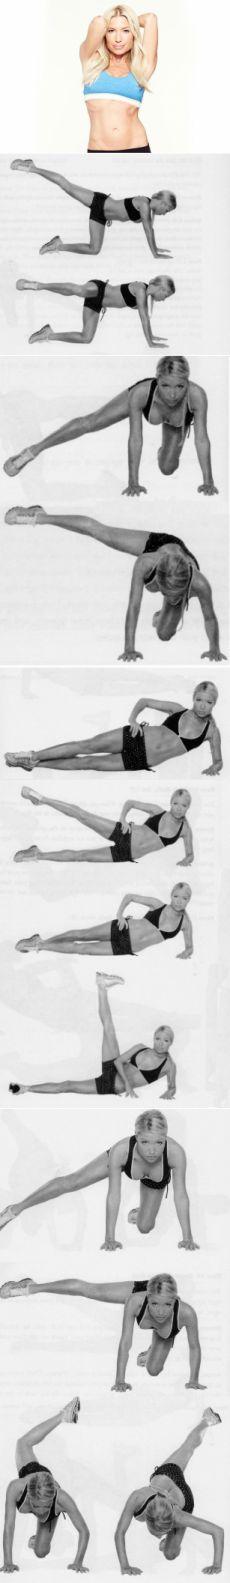 Комплекс упражнений от Трейси Андерсон для проработки каждой группы ваших мышц